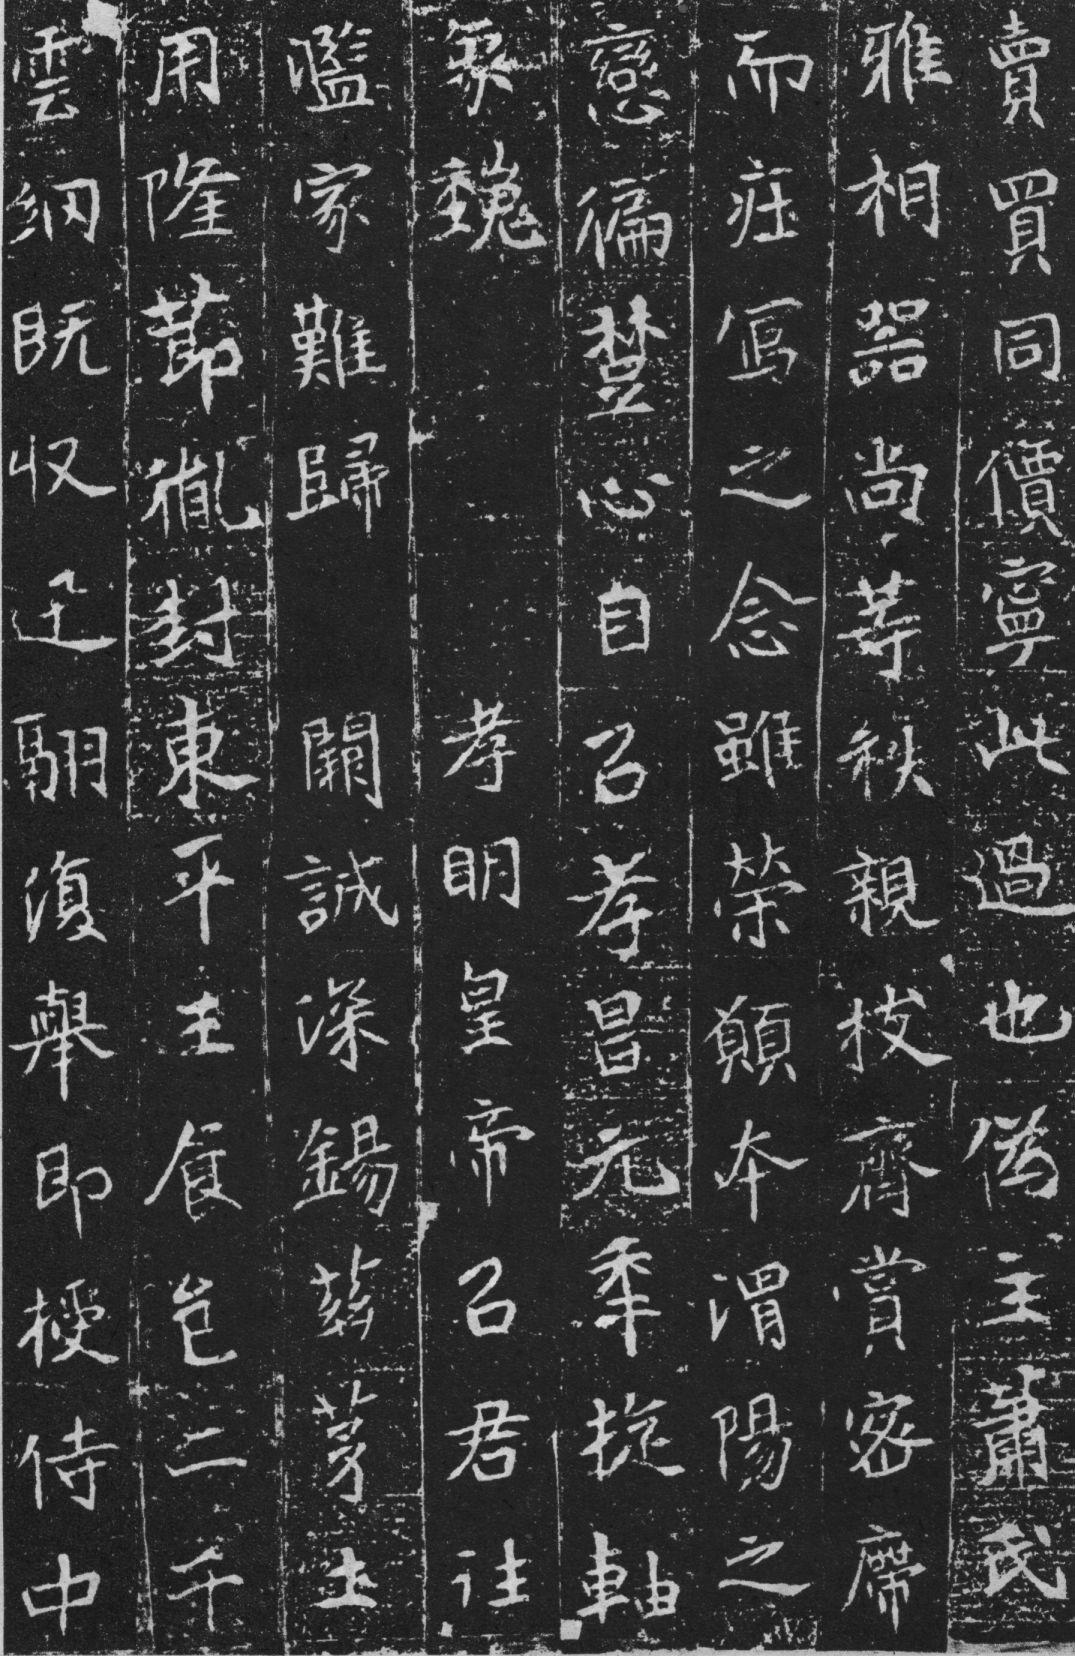 遒丽隽美、清逸流畅:北魏 楷书《元略墓志》书法碑帖